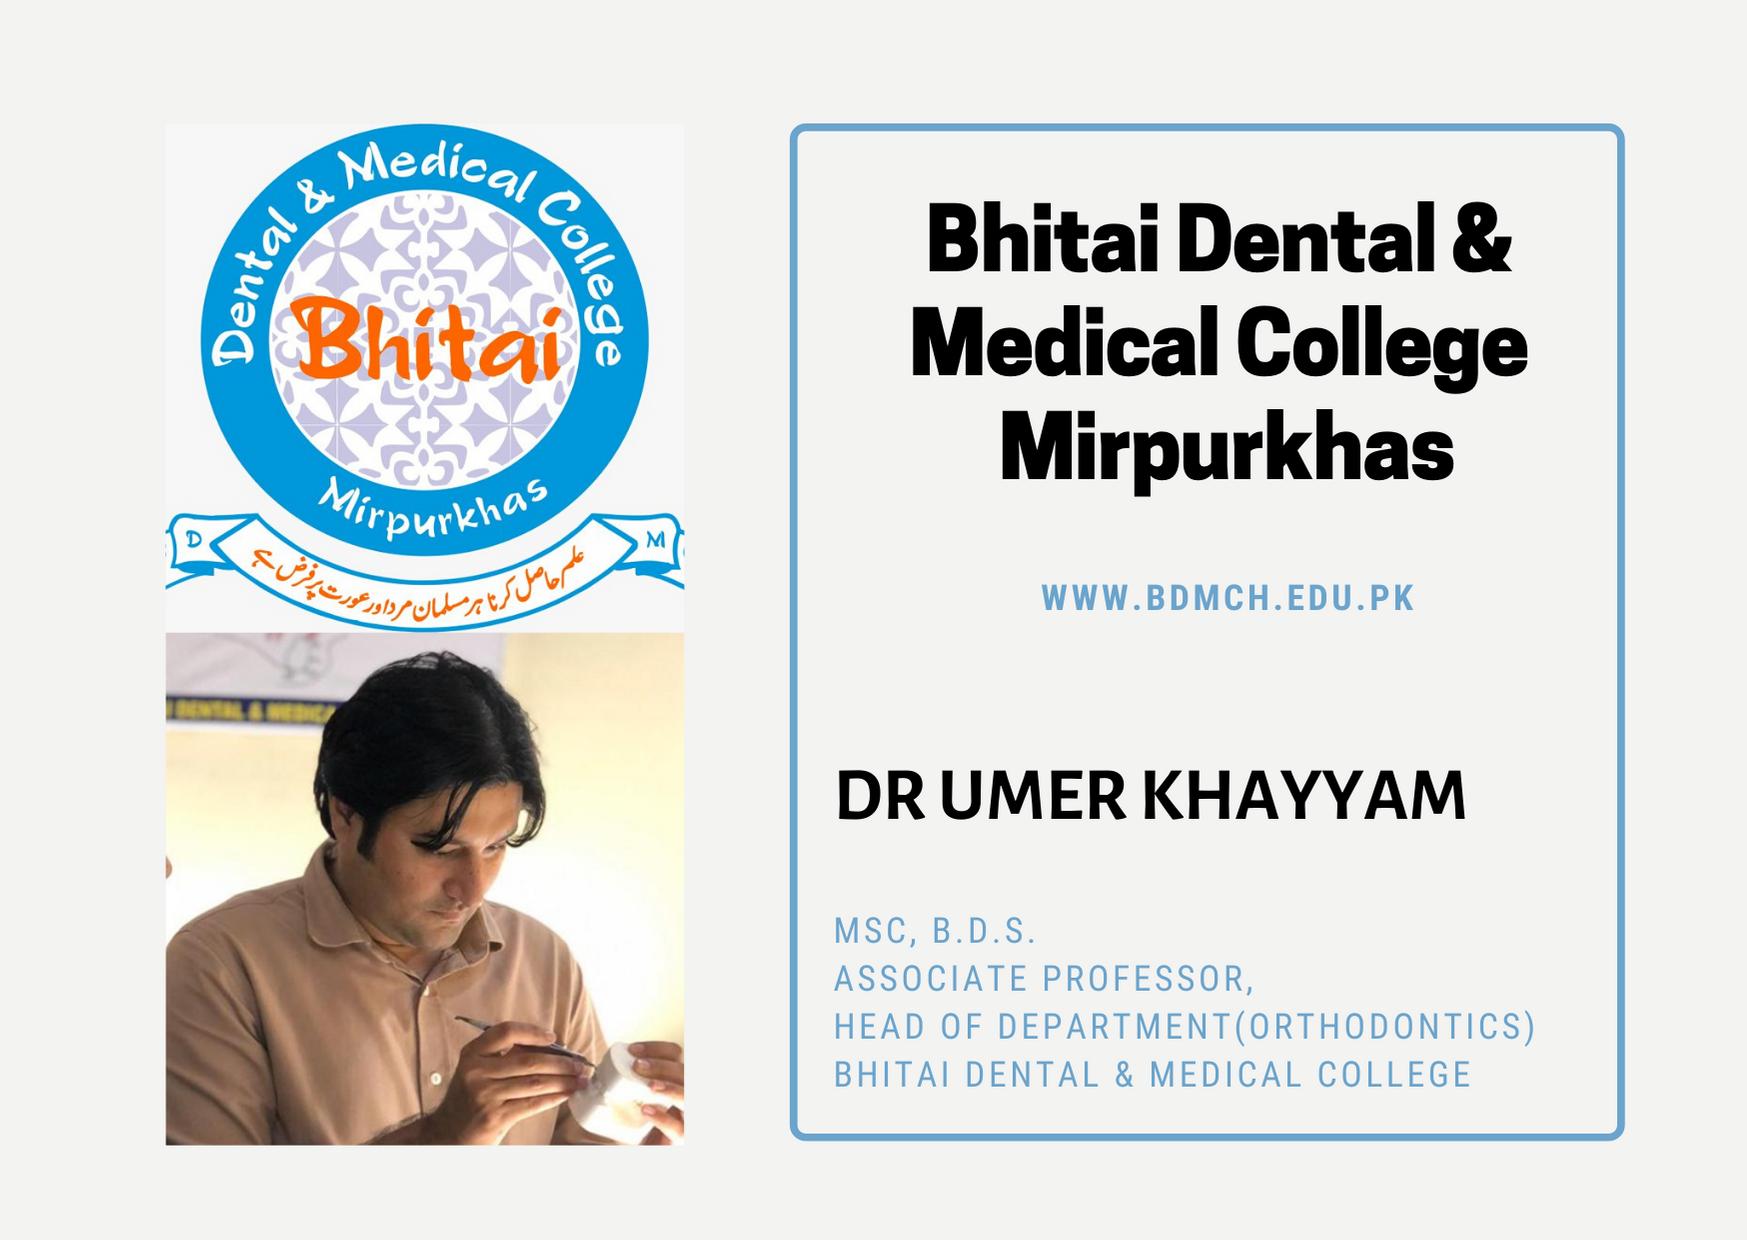 Bhitai Dental & Medical College; by Dr Umer Khayyam